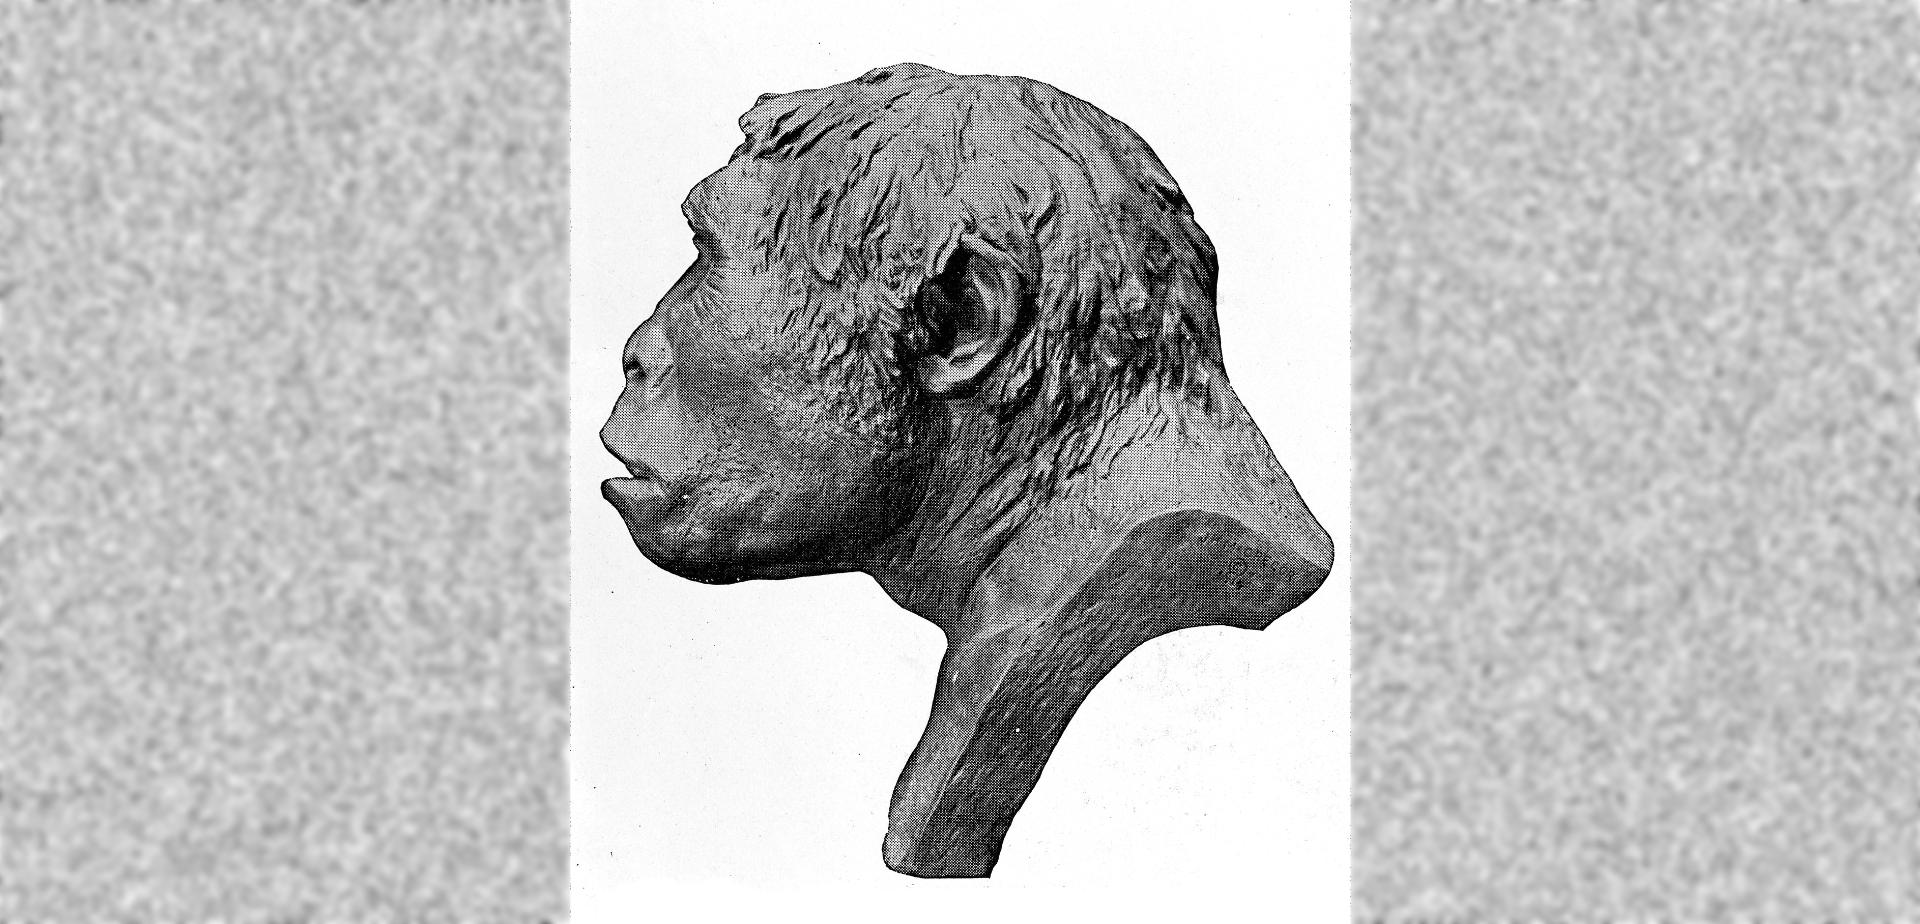 Реконструкция внешнего вида питекантропа.